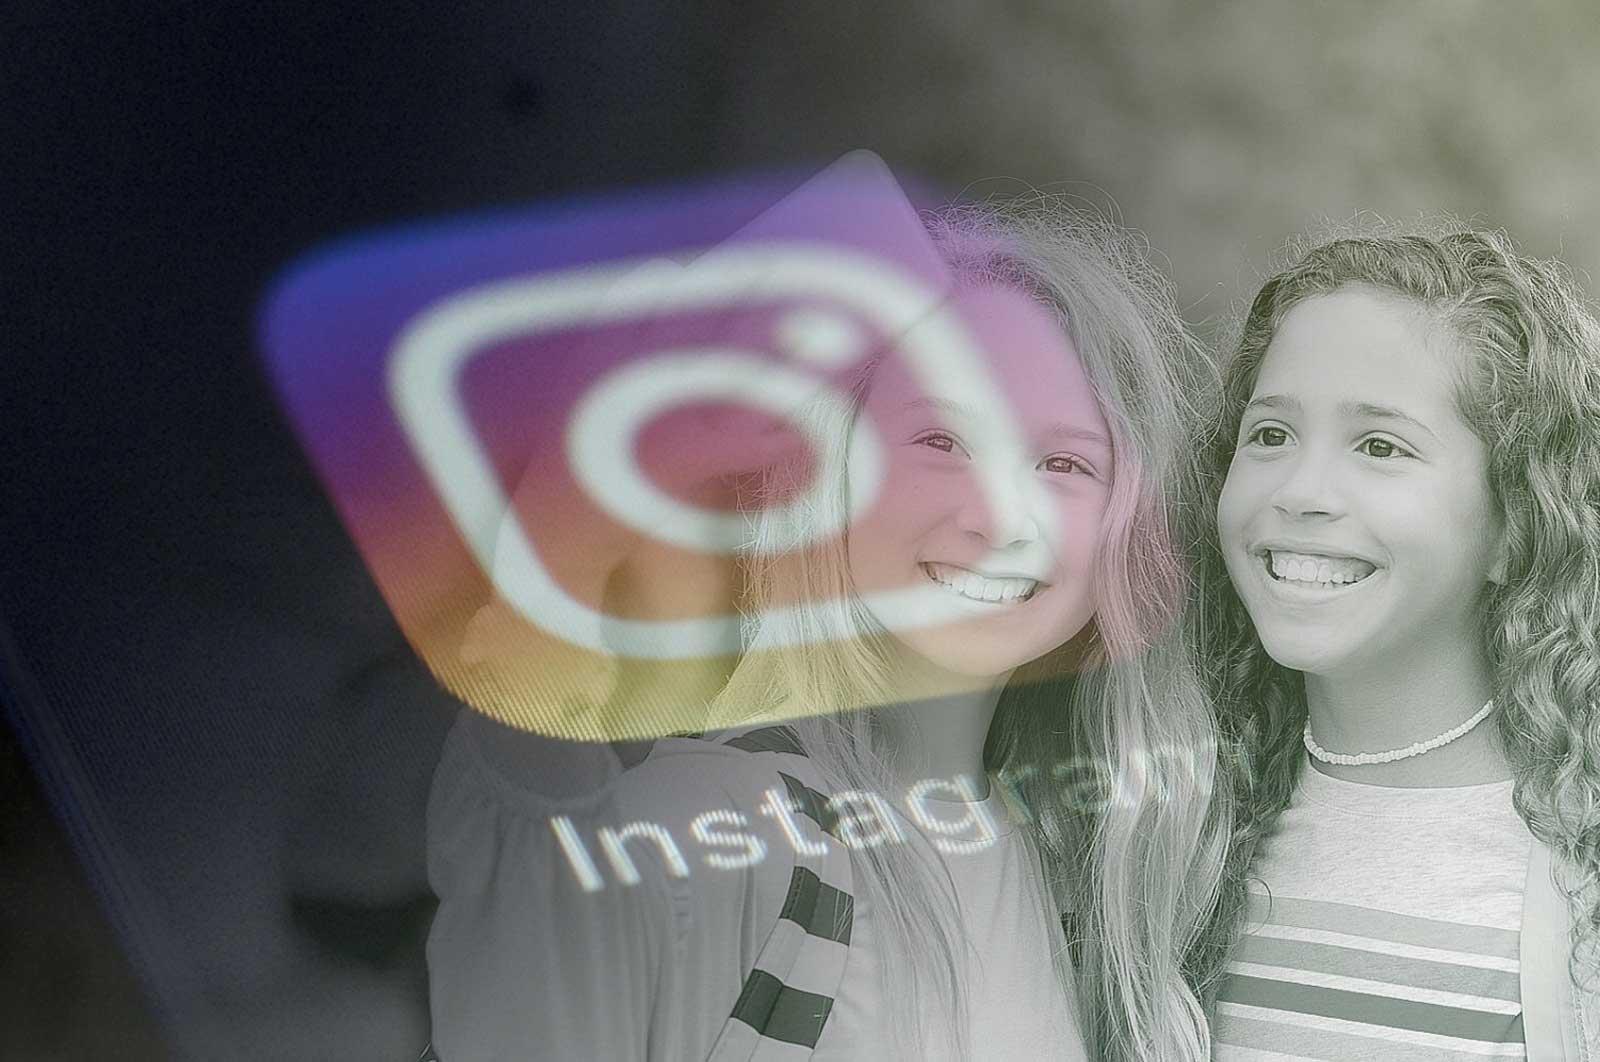 Facebook සමාගම Instagram app  එක අවුරුදු 13ට අඩු ළමුන් සදහා හදුන්වා  දෙයි